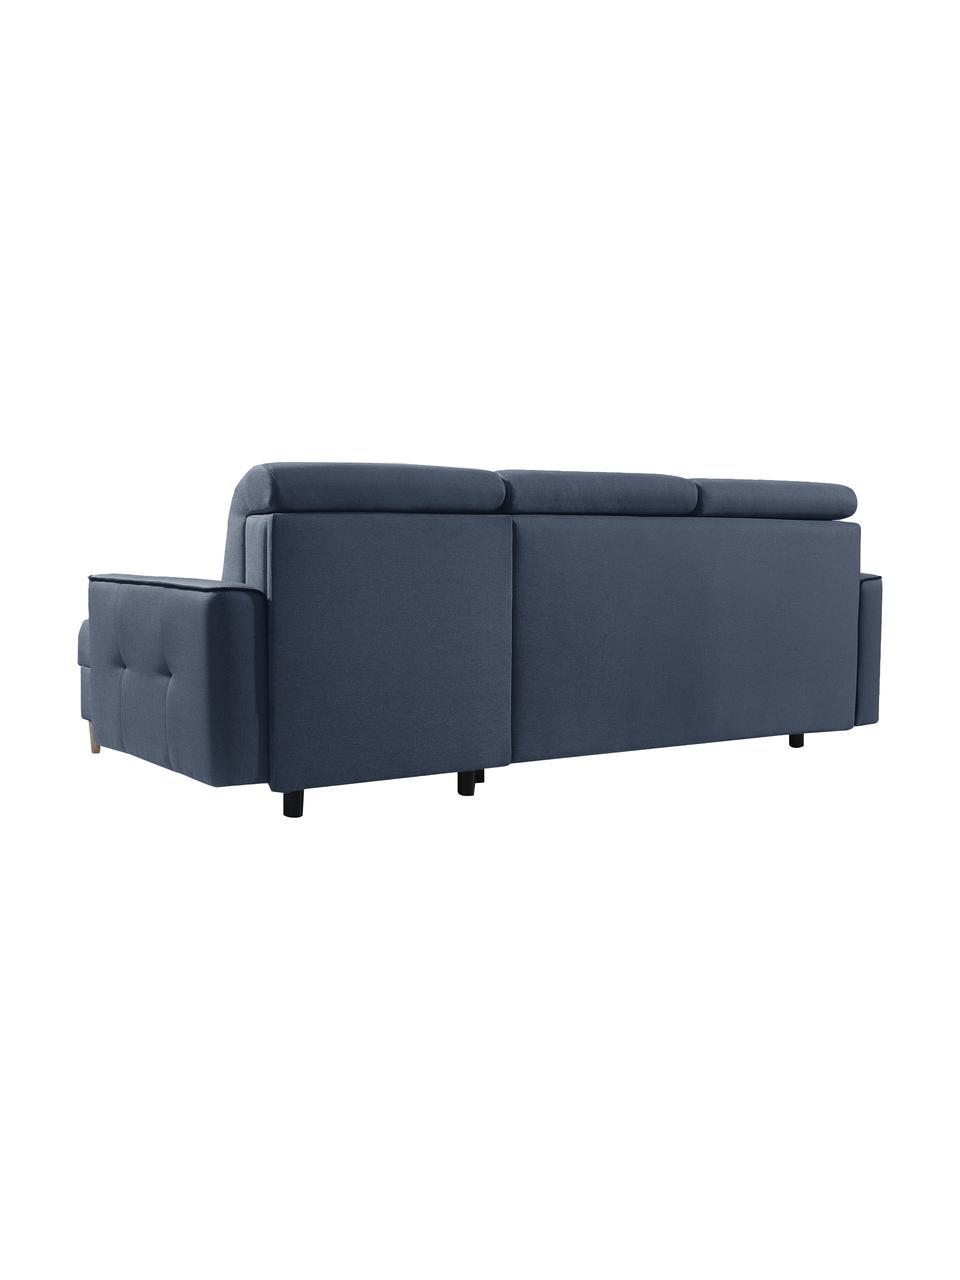 Sofa narożna z funkcją spania i miejscem do przechowywania Hilton (4-osobowa), Tapicerka: 100% poliester, Antracytowy, S 234 x G 146 cm